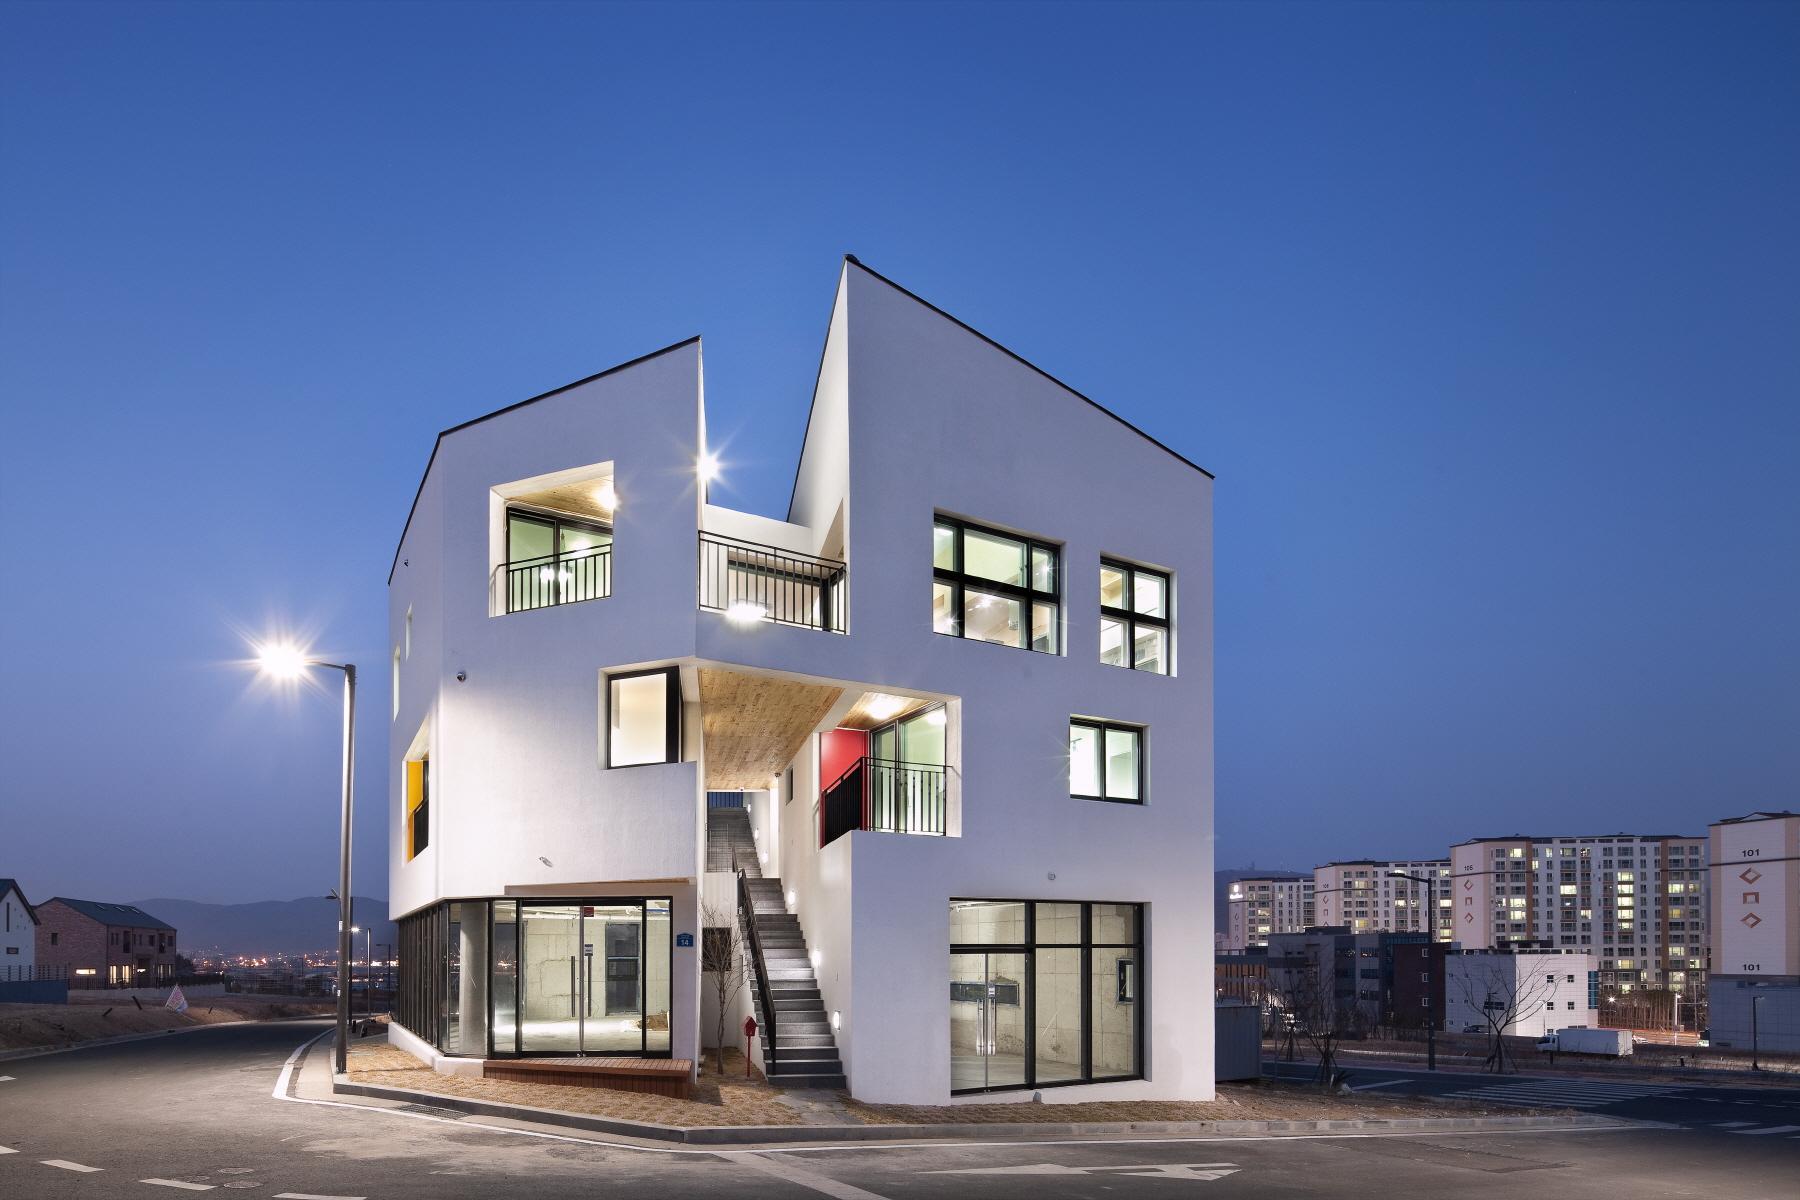 Double House Architect Magazine On Architecture Inc Gyeongsangnam Do South Korea